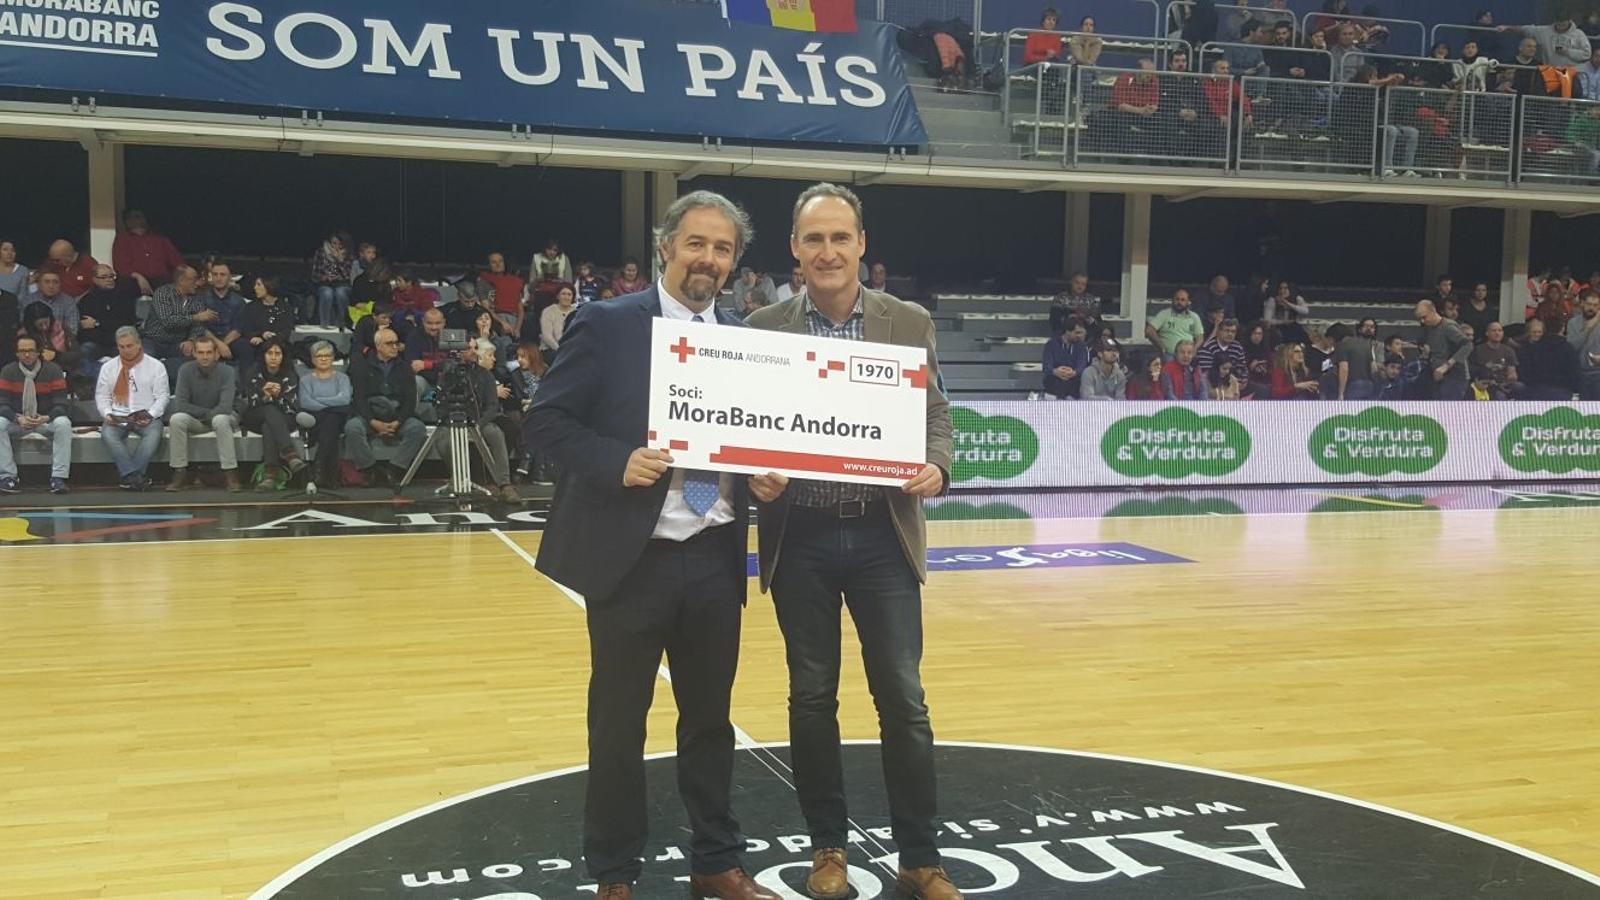 El vicepresident de la Creu Roja, David Fraissinet, entrega un carnet de soci simbòlic al cap de premsa del MoraBanc Andorra, Gabi Fernádez. / CREU ROJA ANDORRANA